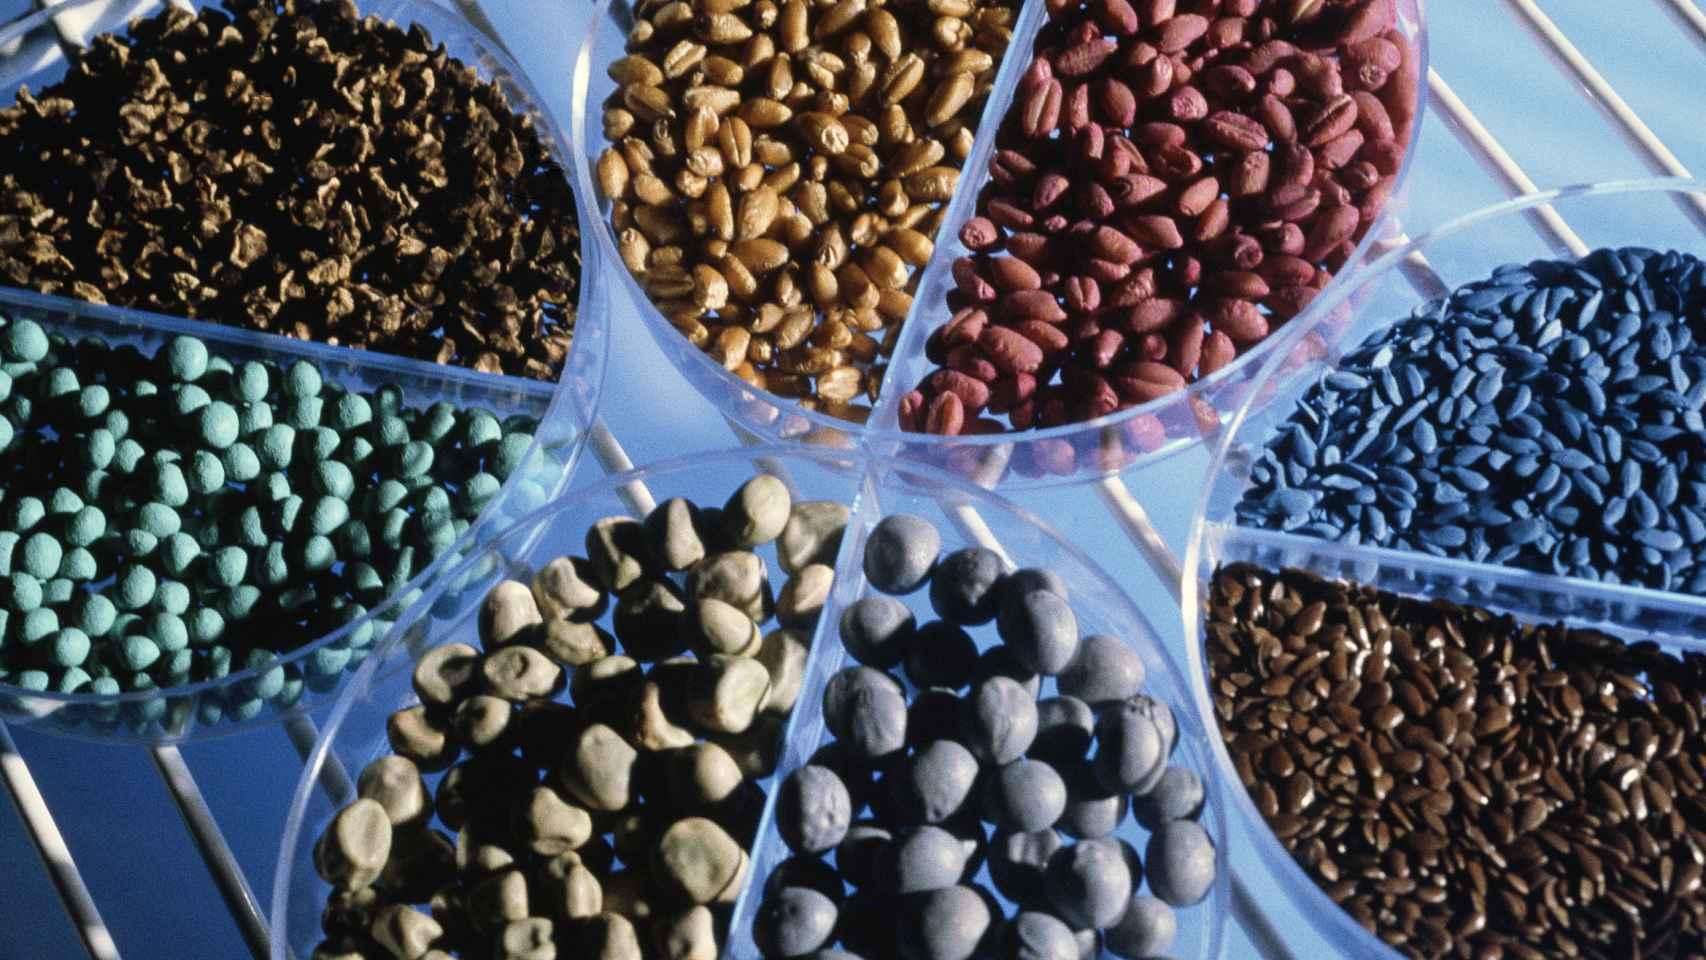 Semillas de productos desarrollados por Bayer.